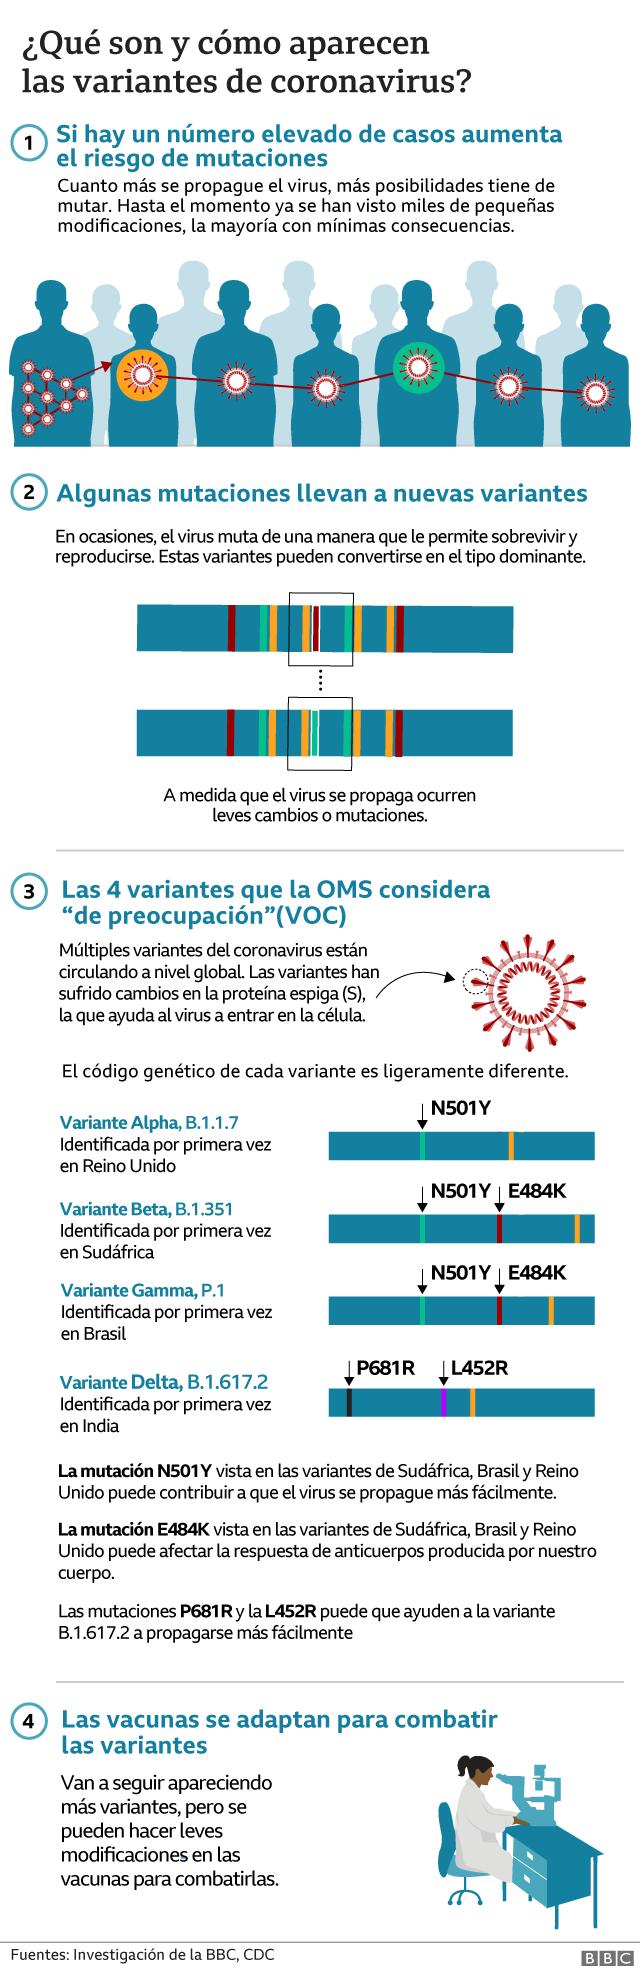 Adioscorona. Web sobre SARS-CoV-2 y pandemia Covid-19 en 11 idiomas. _1190011